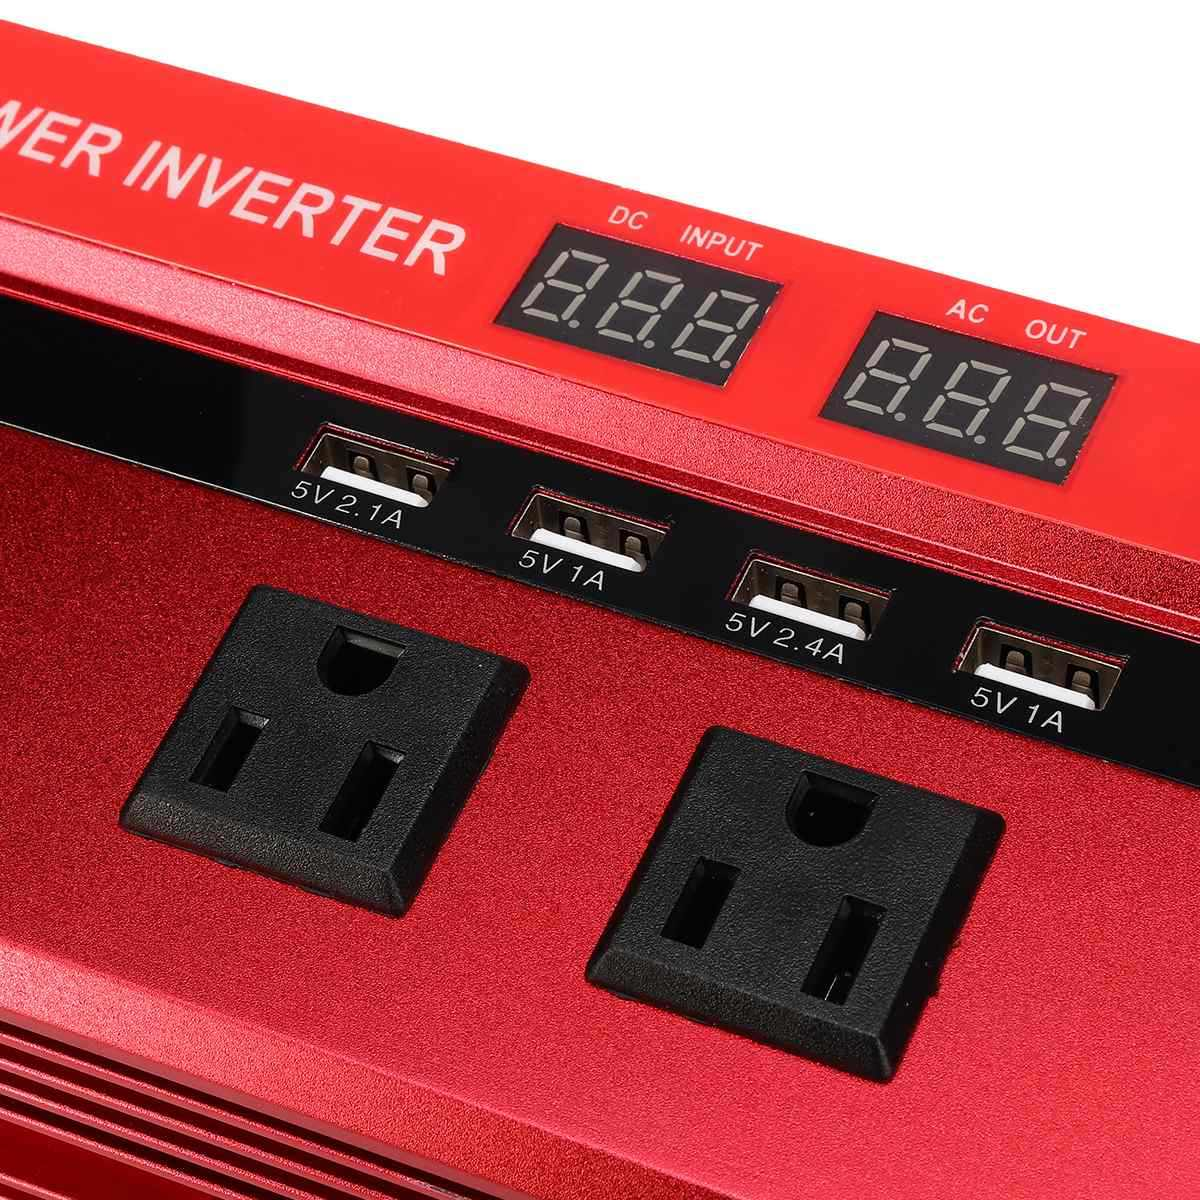 محول طاقة السيارة 2000 واط السيارات محول طاقة محول LED تيار مستمر 24 فولت إلى التيار المتناوب 110 فولت 4 منافذ USB 2 منافذ التيار المتناوب شاحن تعديل شرط موجة